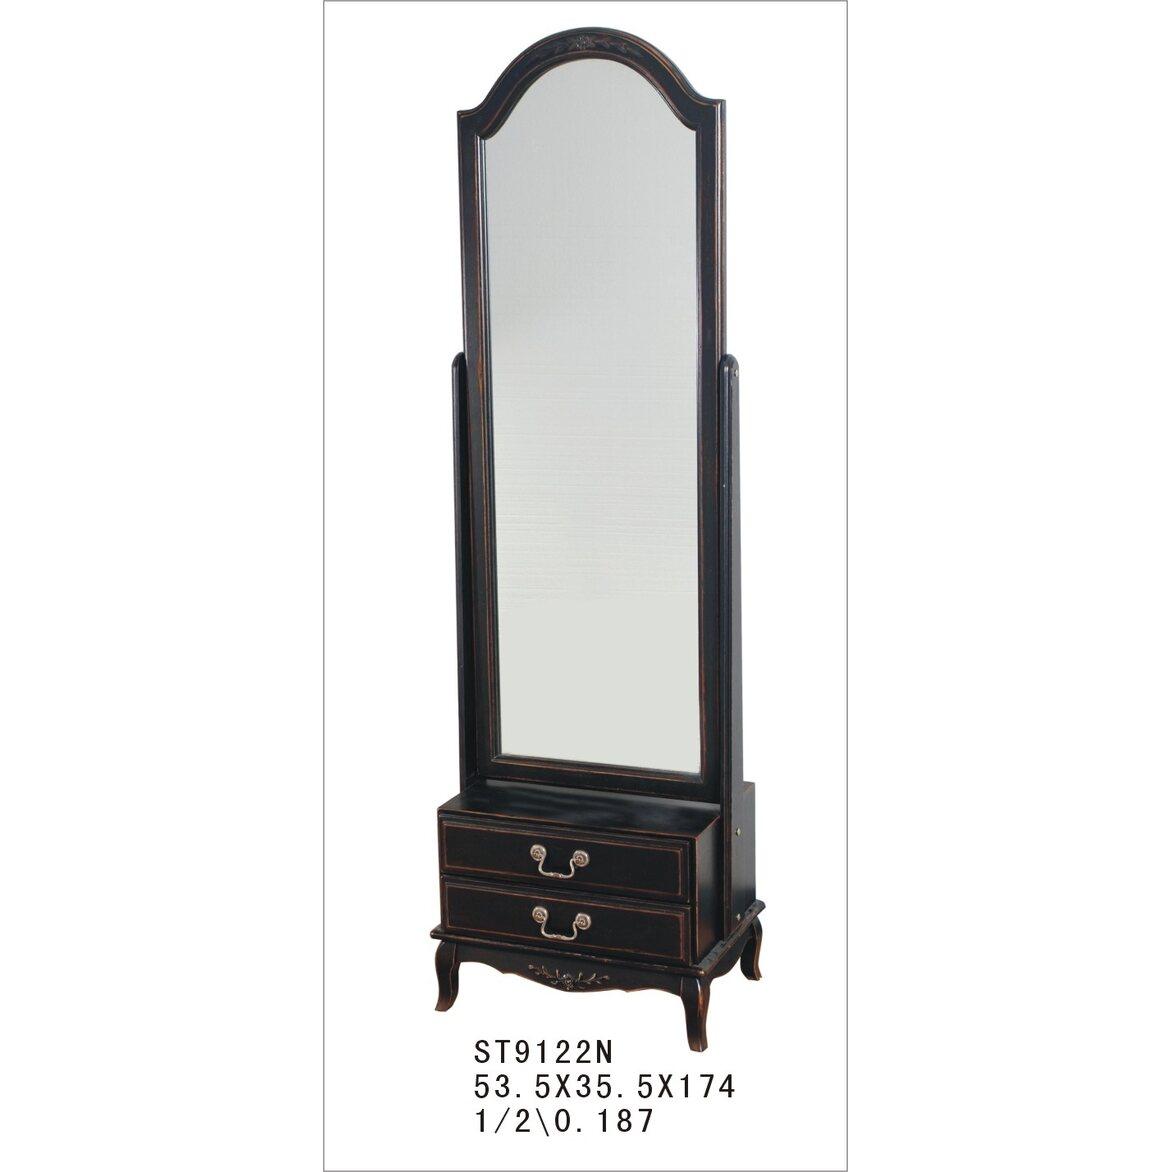 Большое напольное зеркало Leontina, черного цвета 3 | Прямоугольные зеркала Kingsby